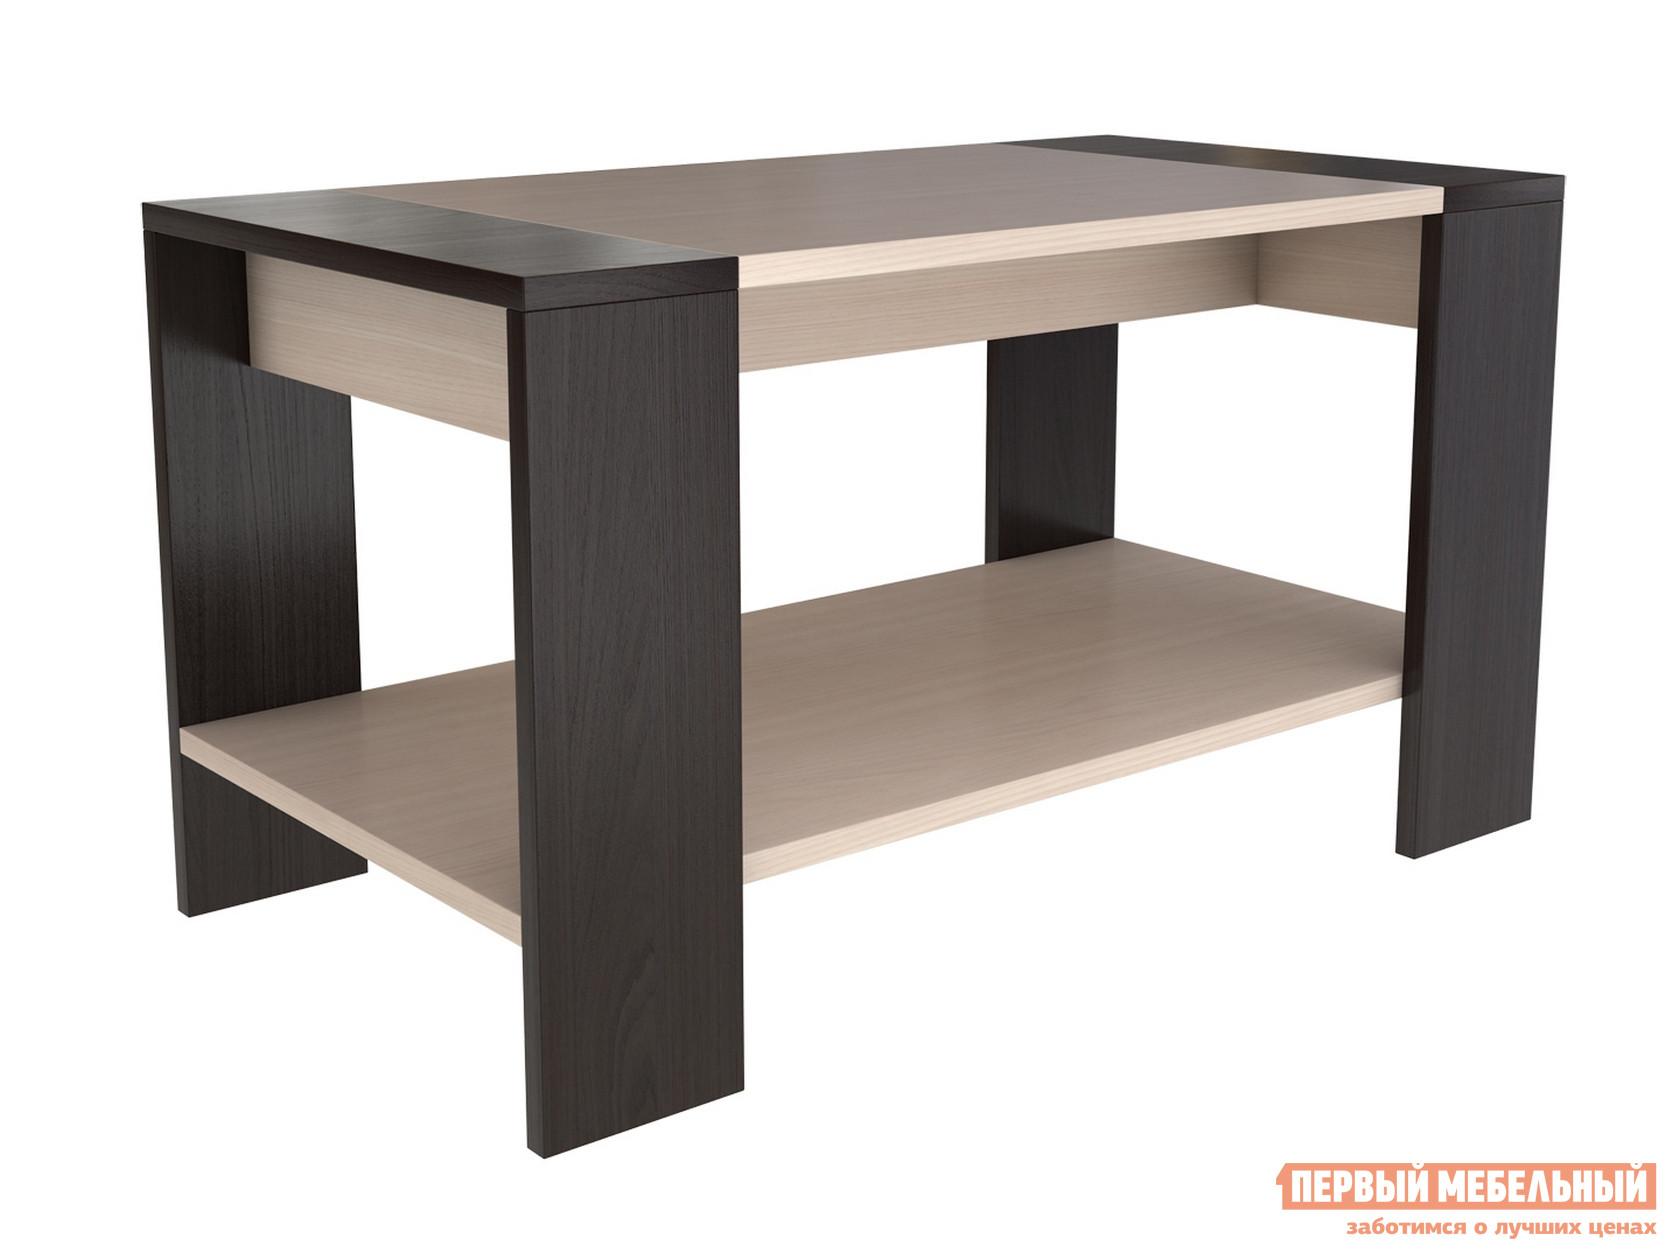 Стол журнальный Первый Мебельный Рио стол журнальный первый мебельный стол журнальный марвелл